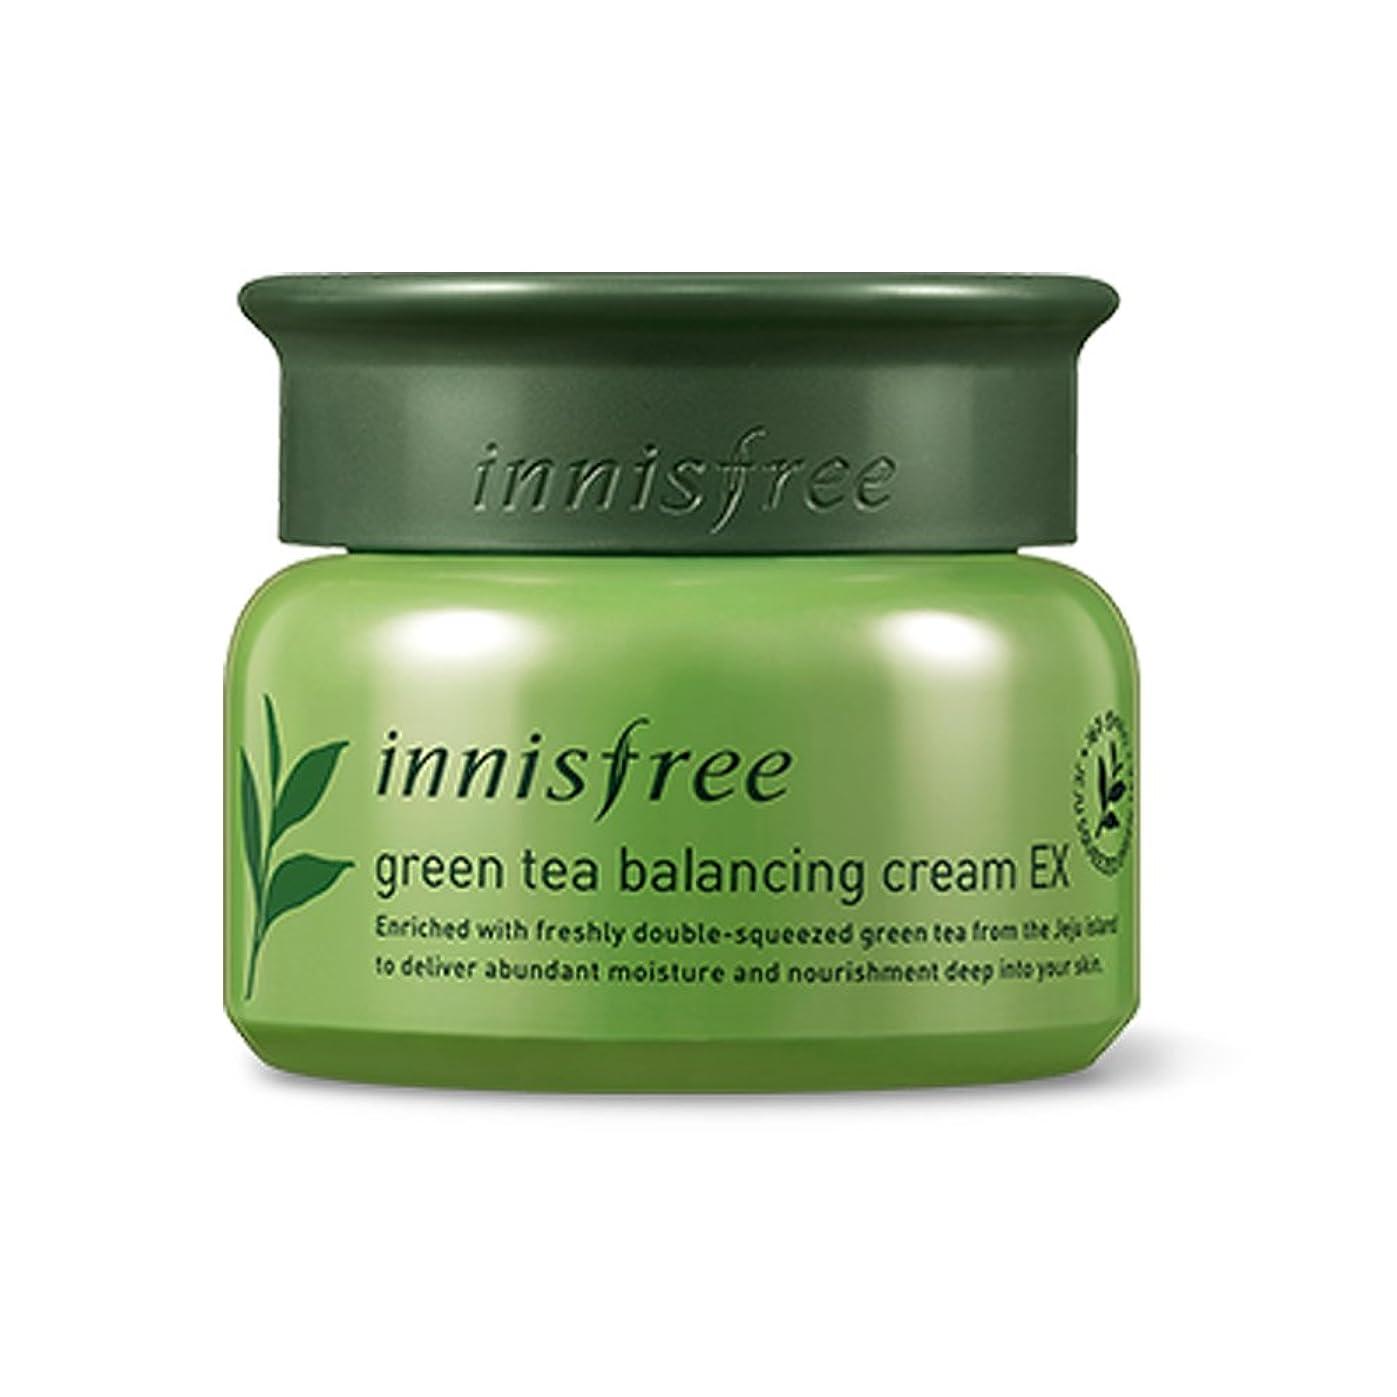 コンベンション追うポインタイニスフリーグリーンティーバランスクリーム50ml「2018新製品」 Innisfree Green Tea Balancing Cream 50ml